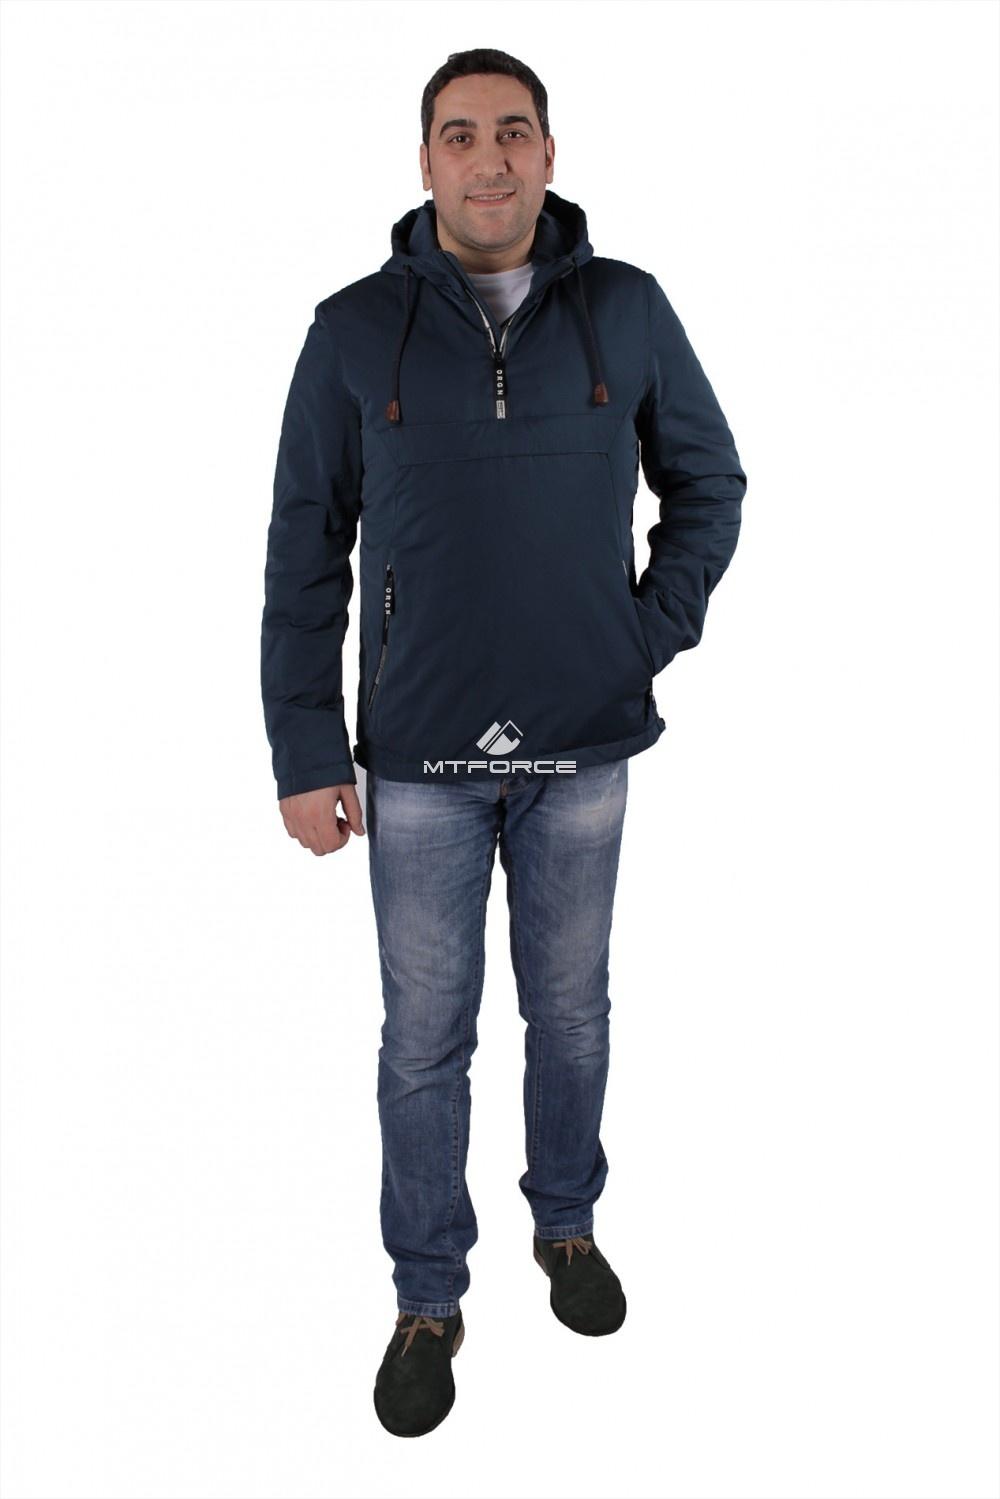 Купить                                  оптом Куртка анорак мужская темно-синего цвета 737TS в Санкт-Петербурге